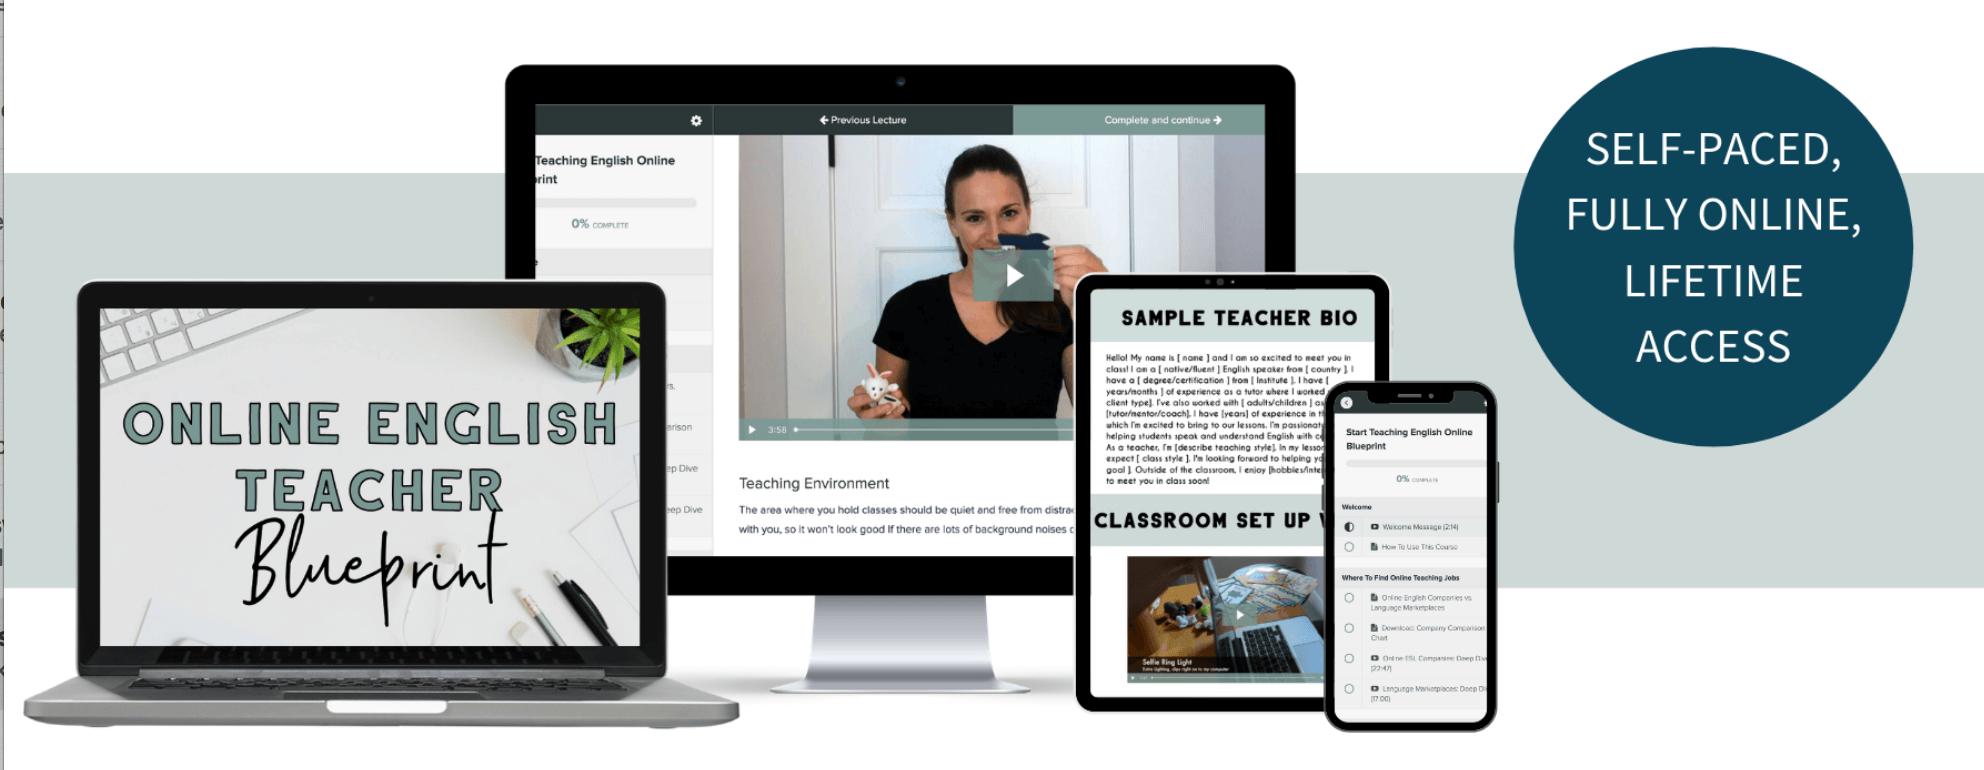 online English teacher blueprint teaching materials